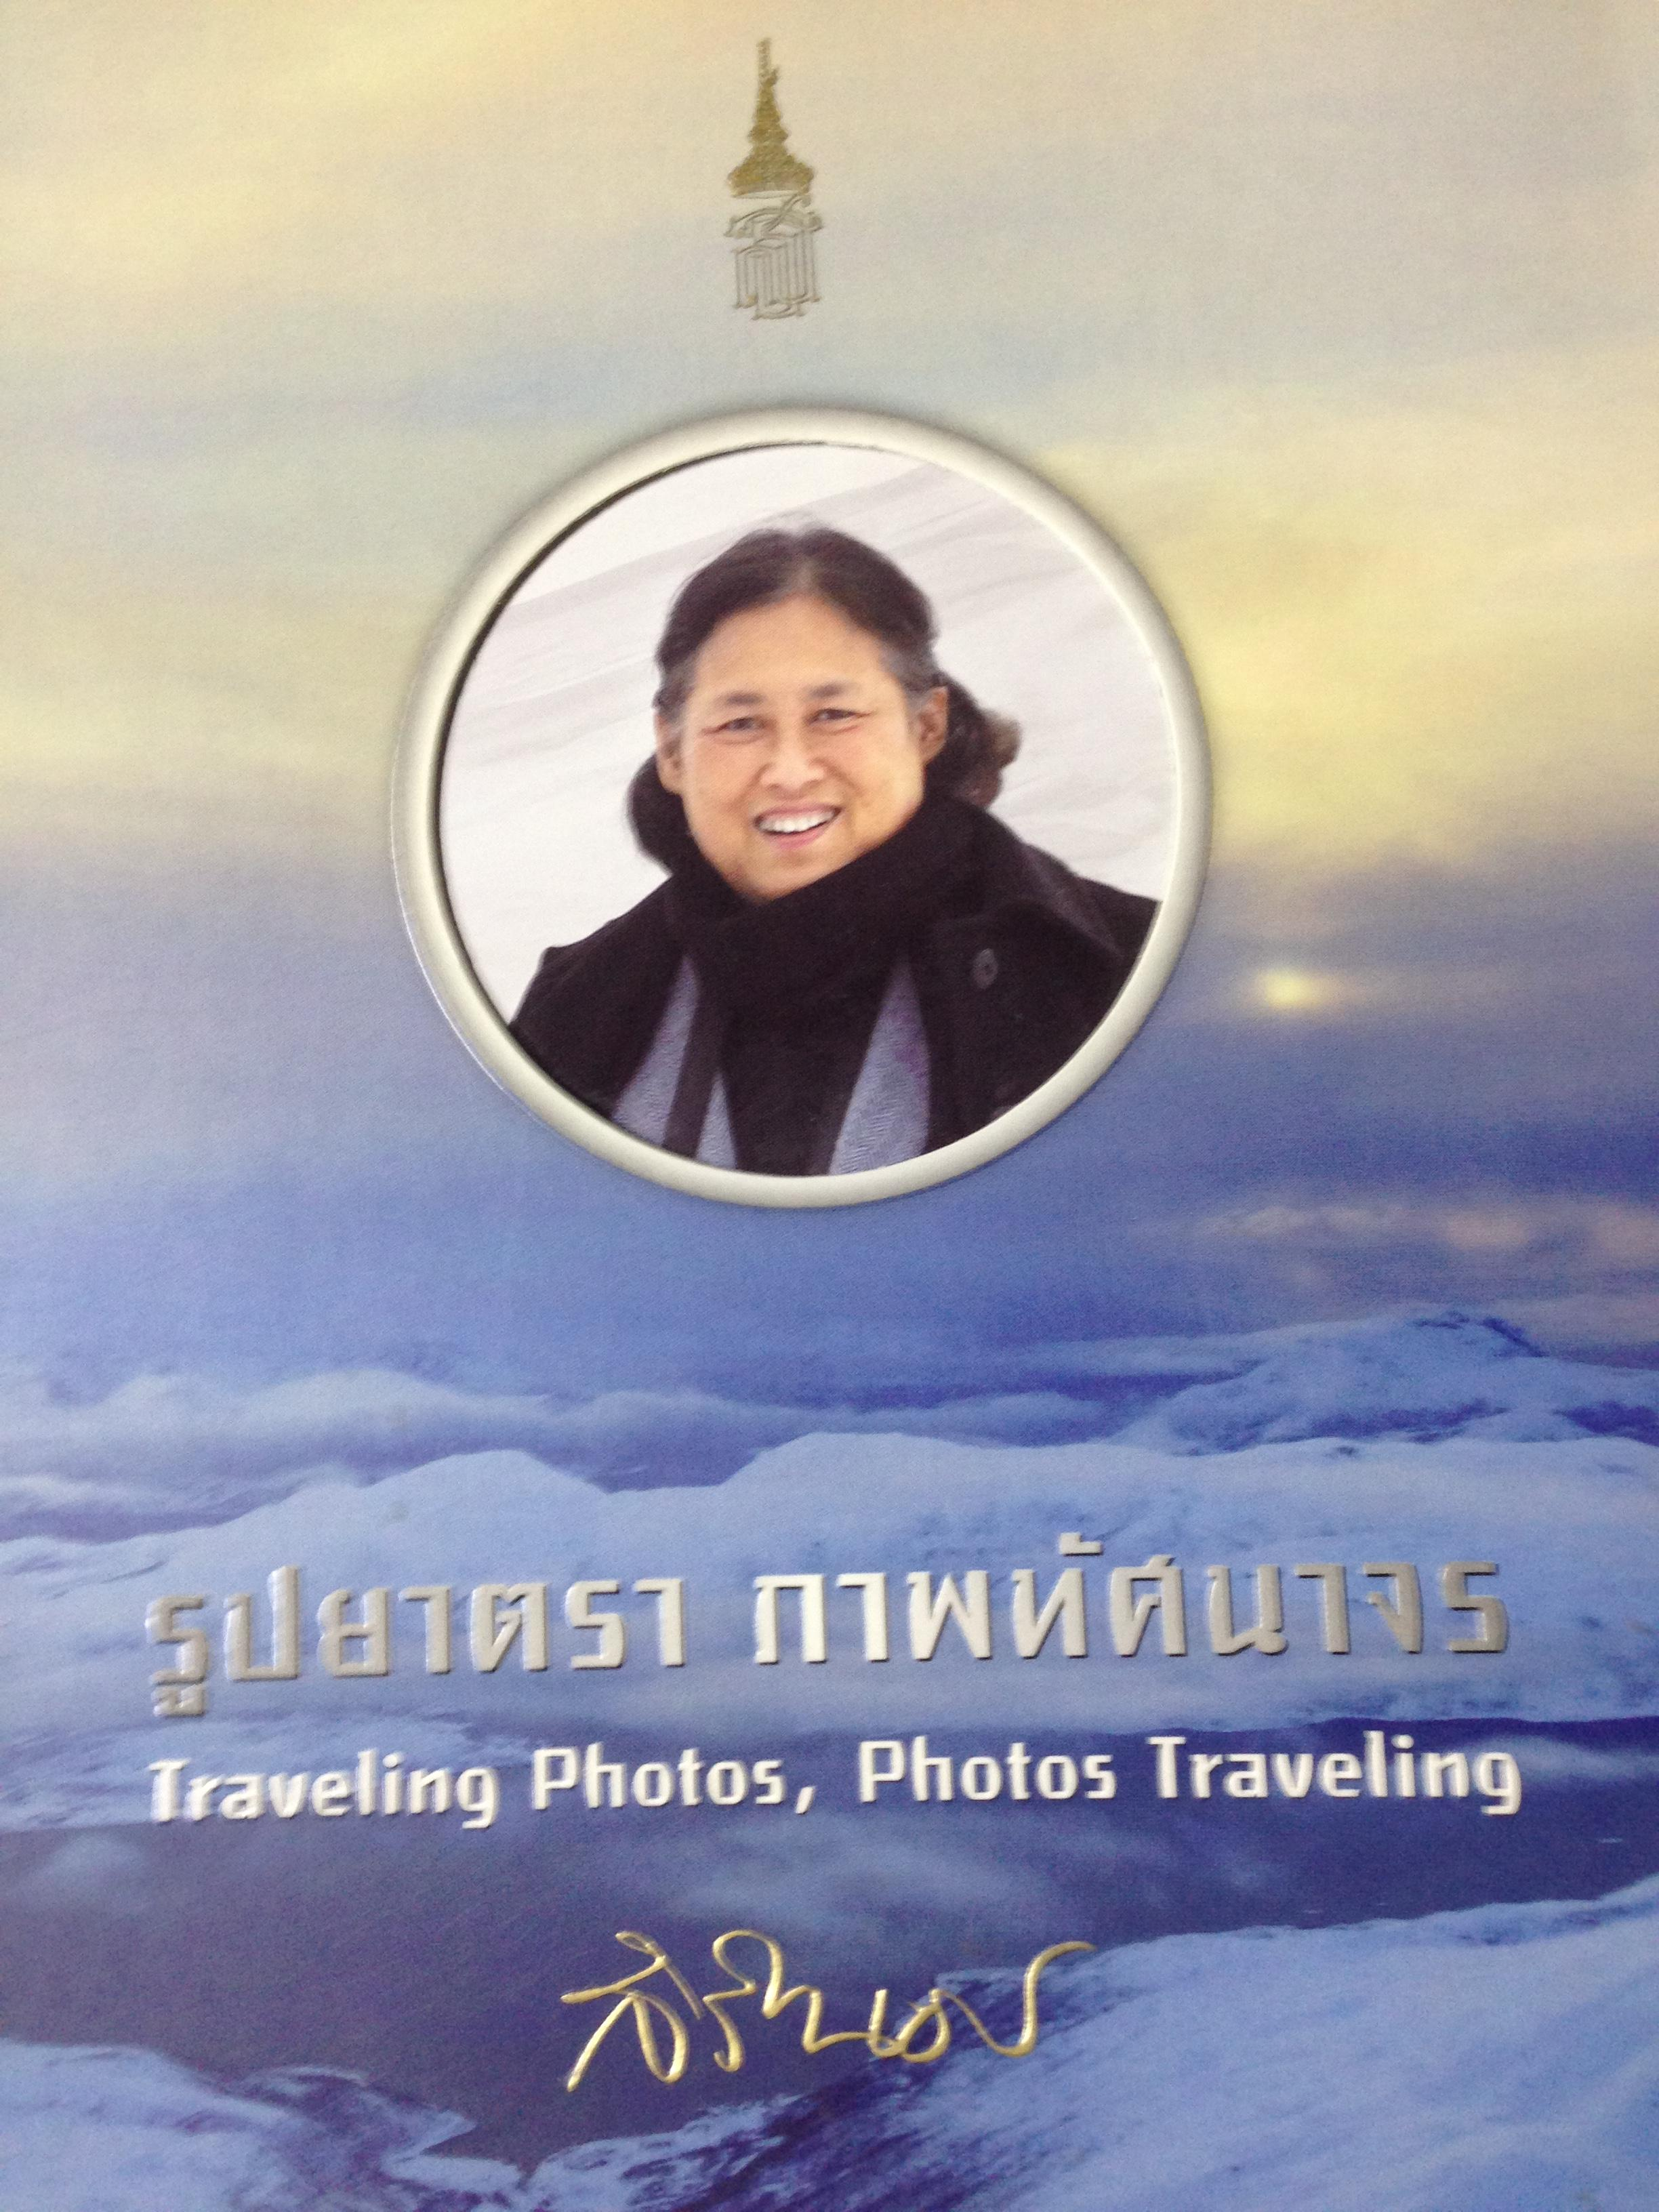 รูปยาตรา. ภาพทัศนาจร. Traveling. Photo. Photo Traveling. สิรินธร